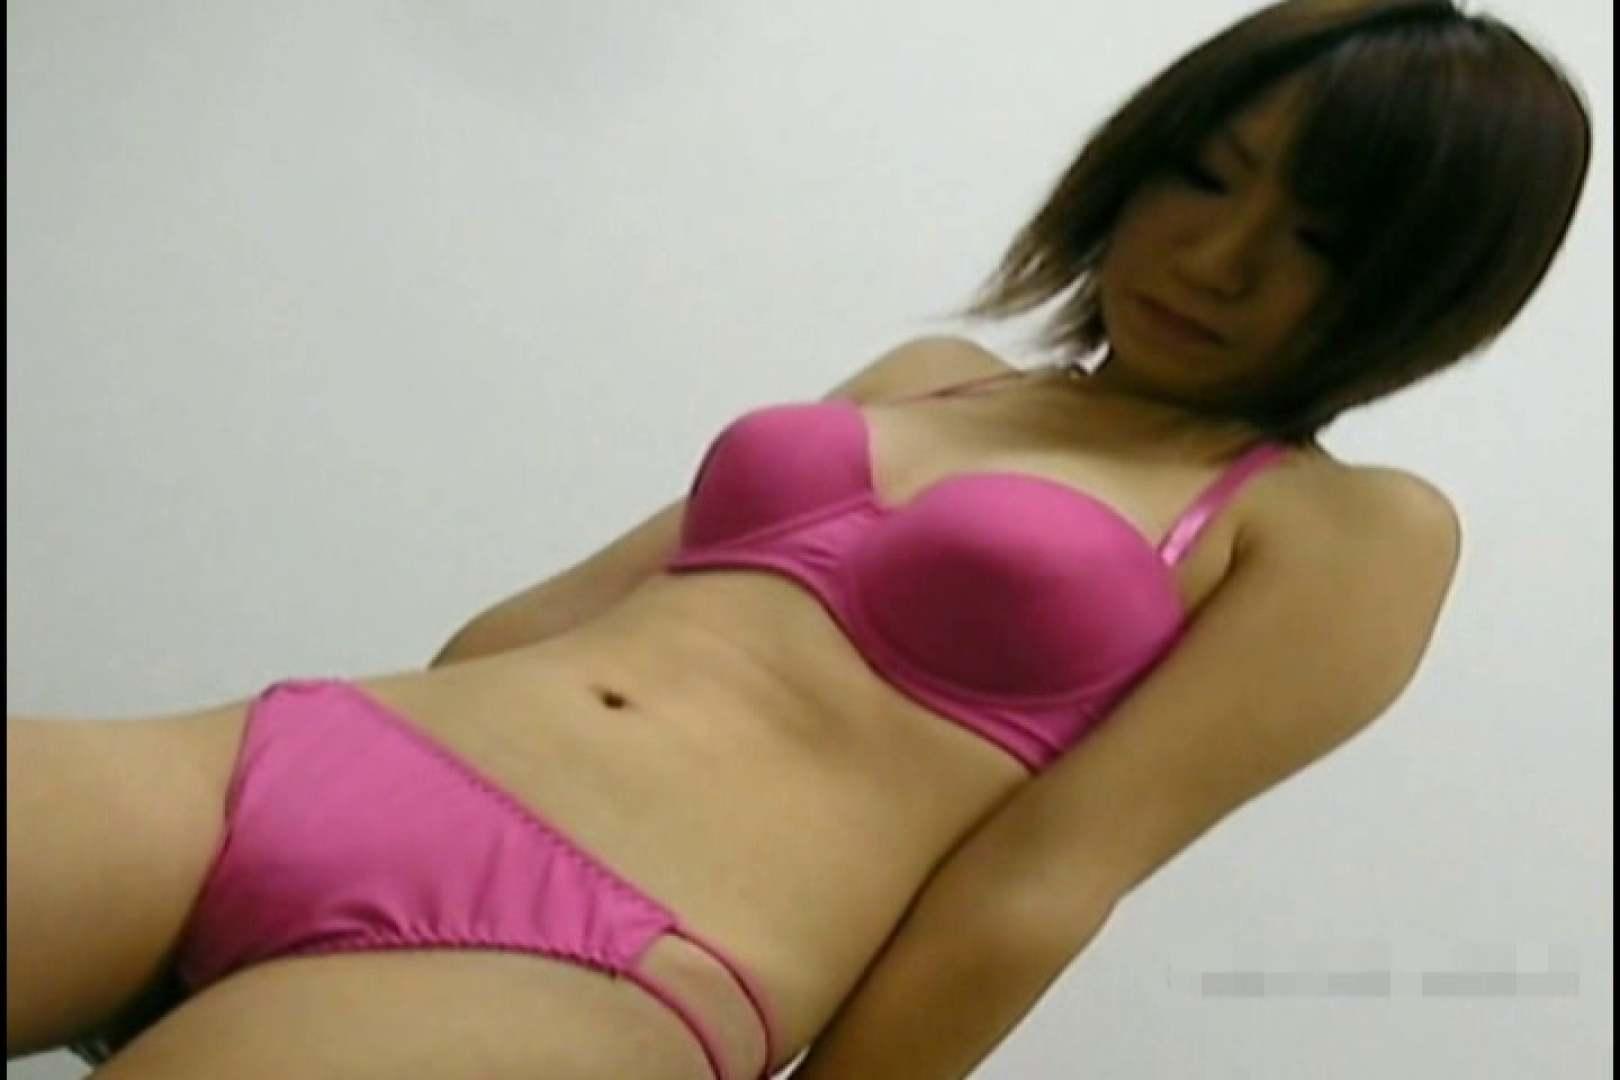 素人撮影 下着だけの撮影のはずが・・・れみ18歳 素人 のぞき動画キャプチャ 111pic 29